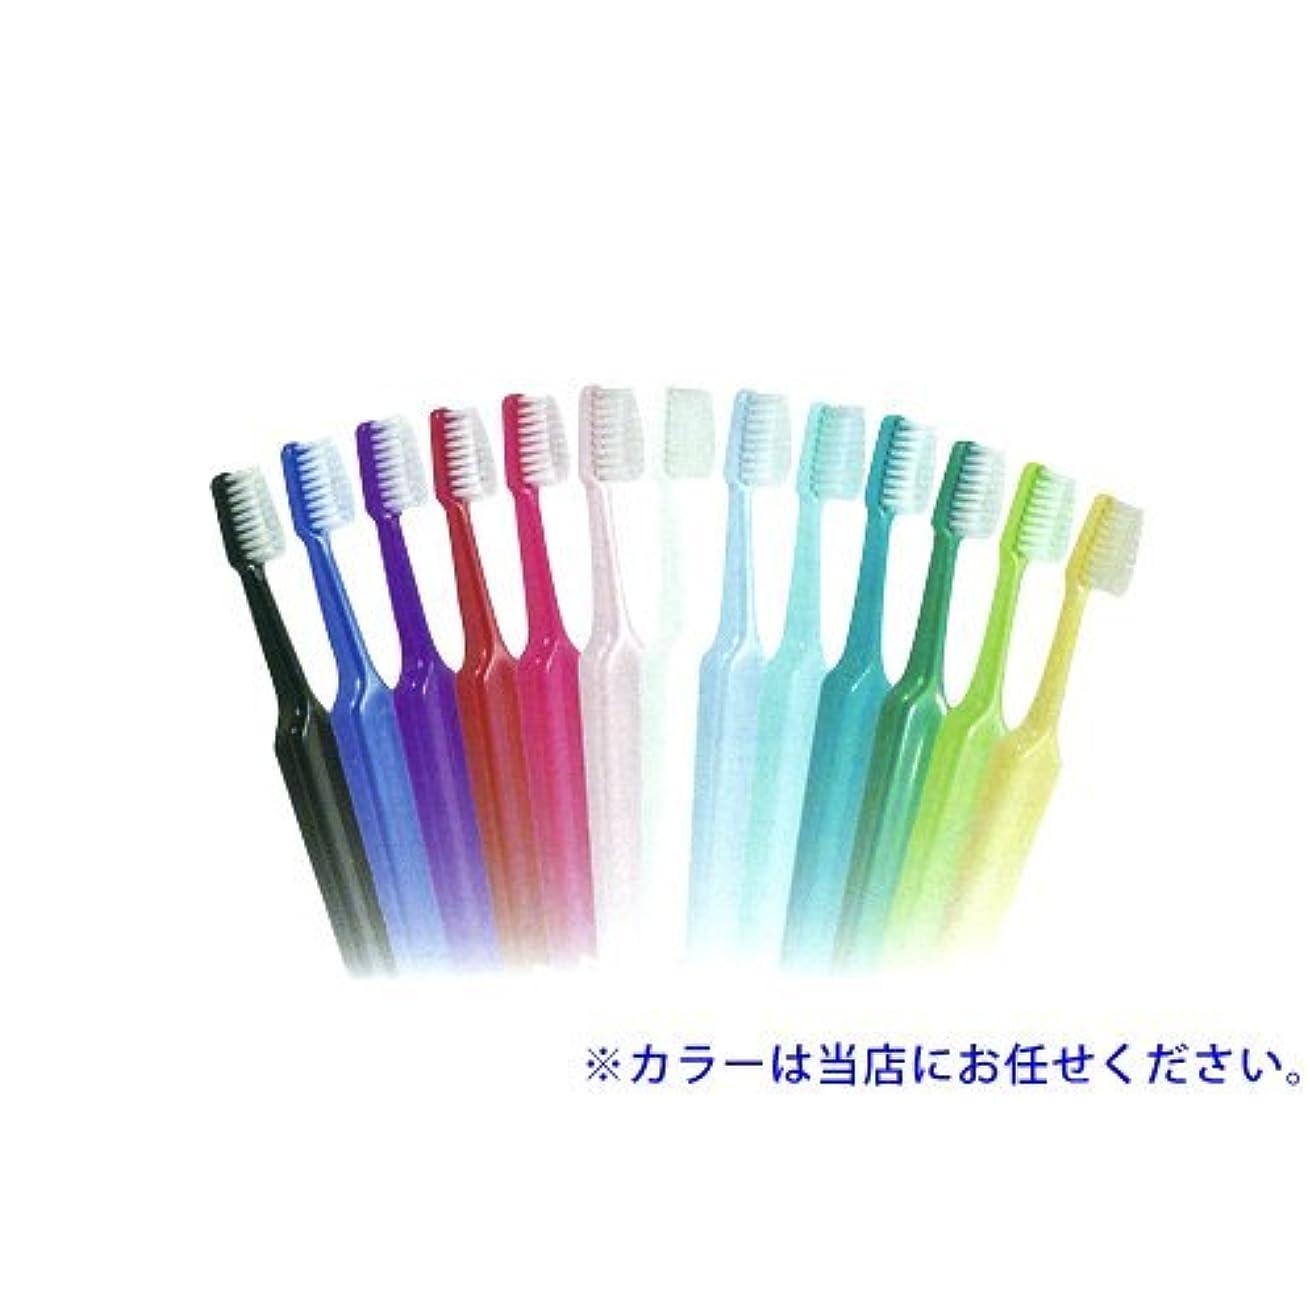 領収書キャンディー三番クロスフィールド TePe テペ セレクト 歯ブラシ 1本 ソフト